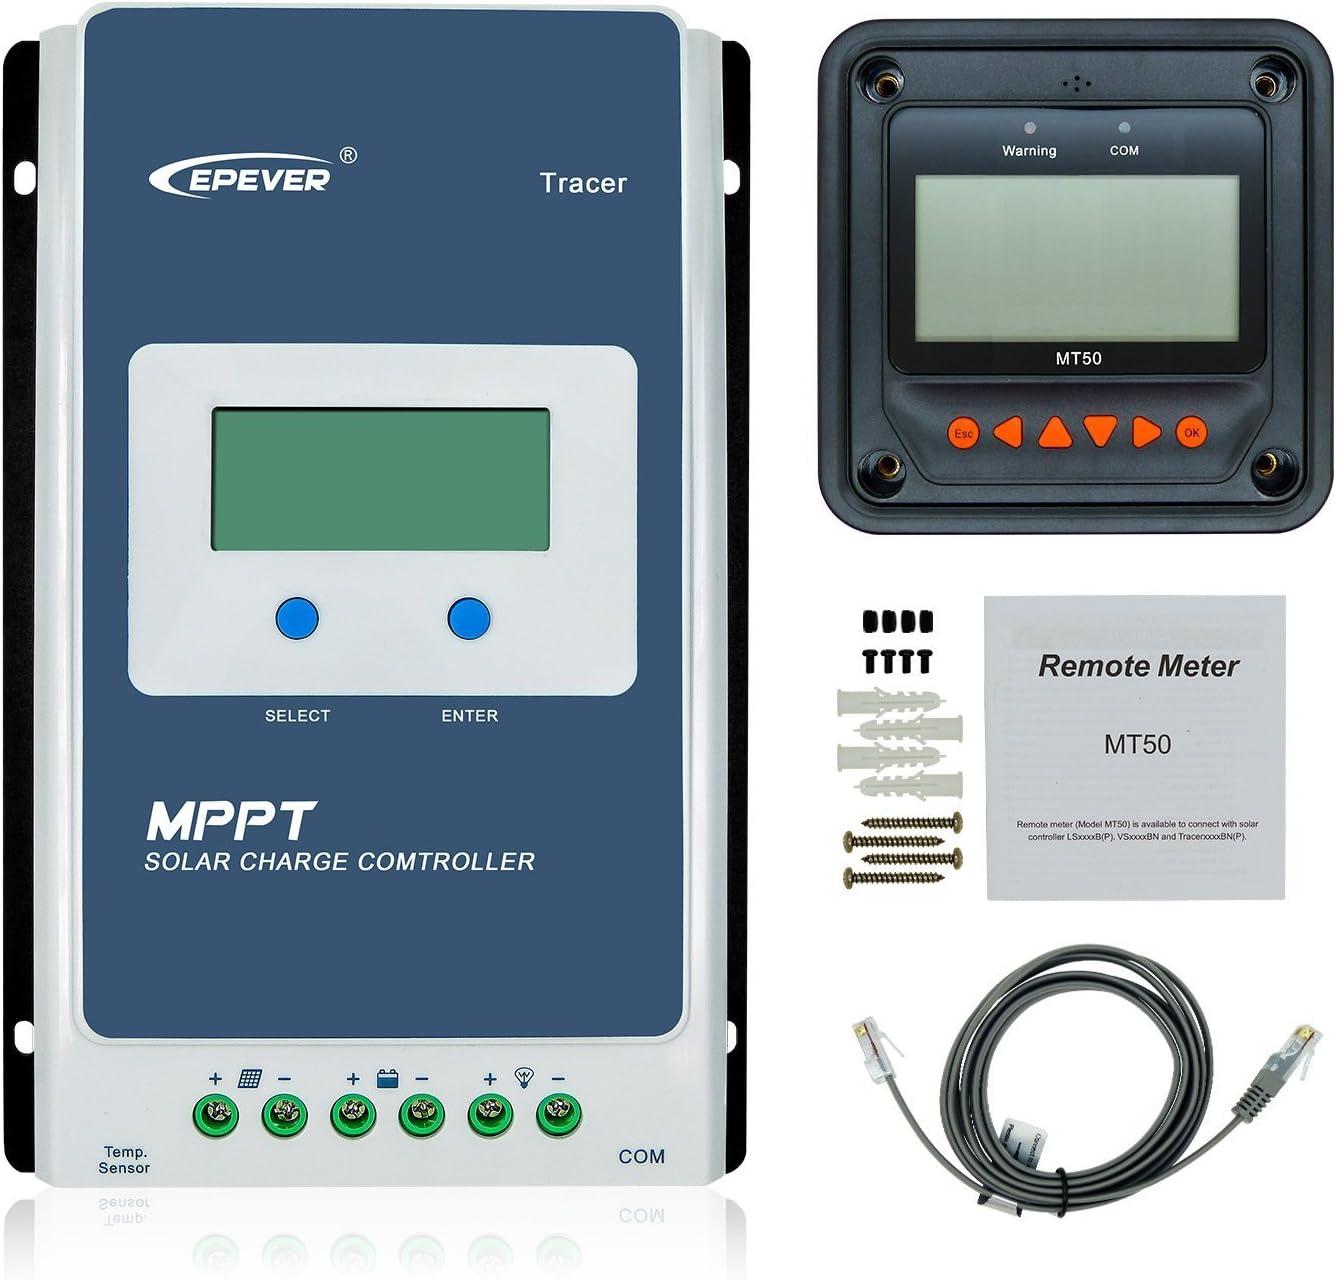 Remote Meter//Ecran MT50 à Distance pour 10-100A MPPT Solar Charge Contrôleurs